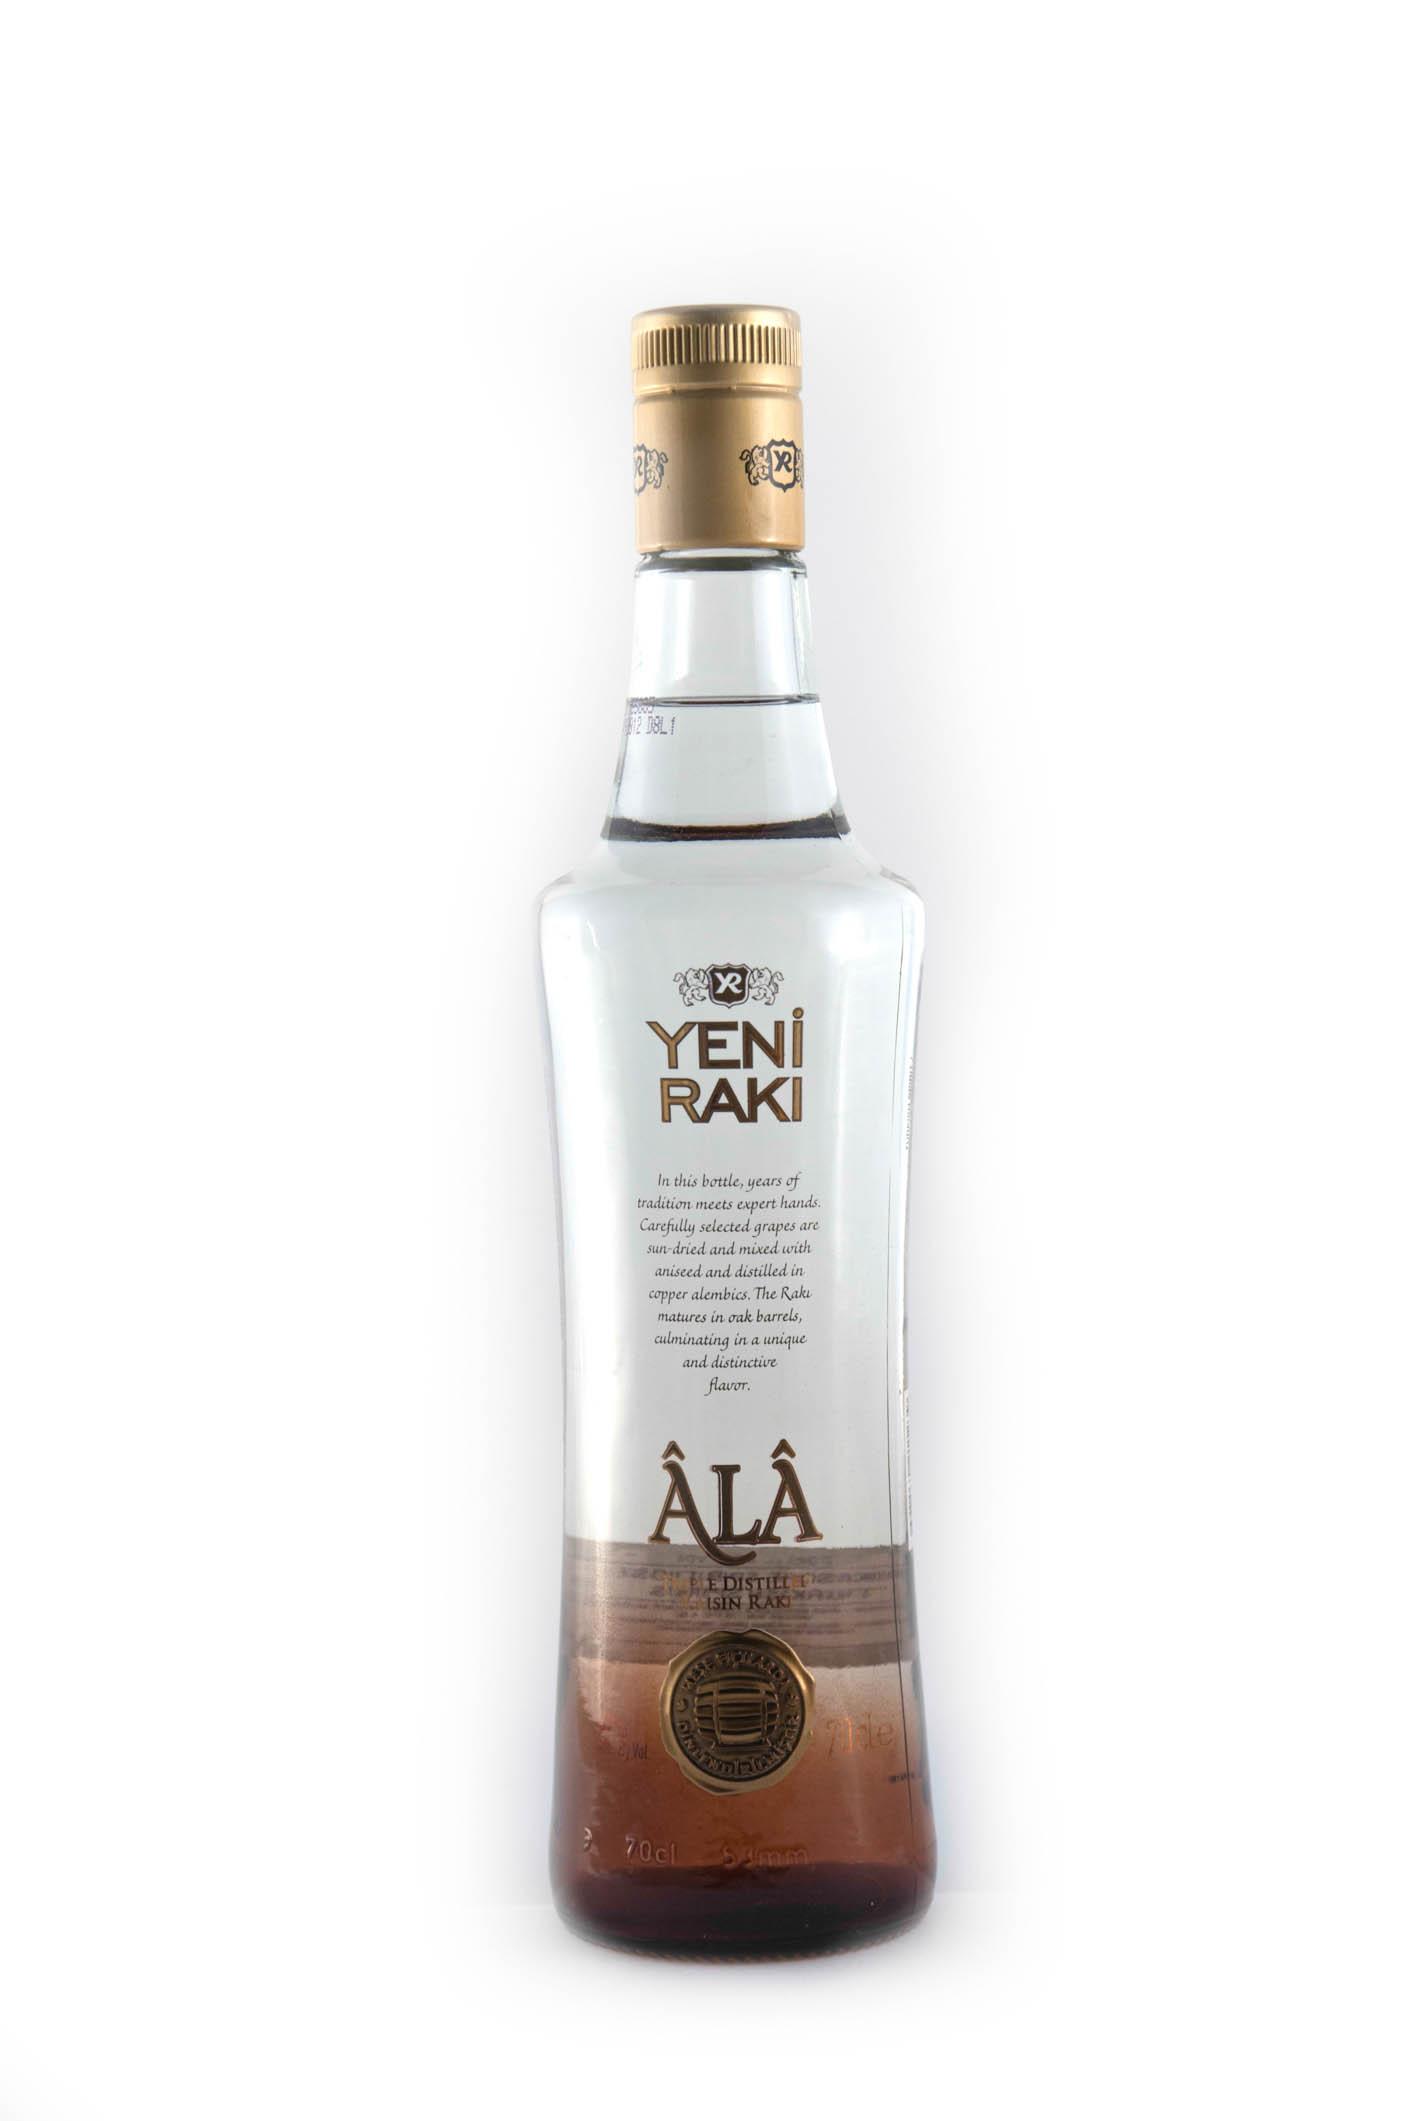 yeni raki how to drink